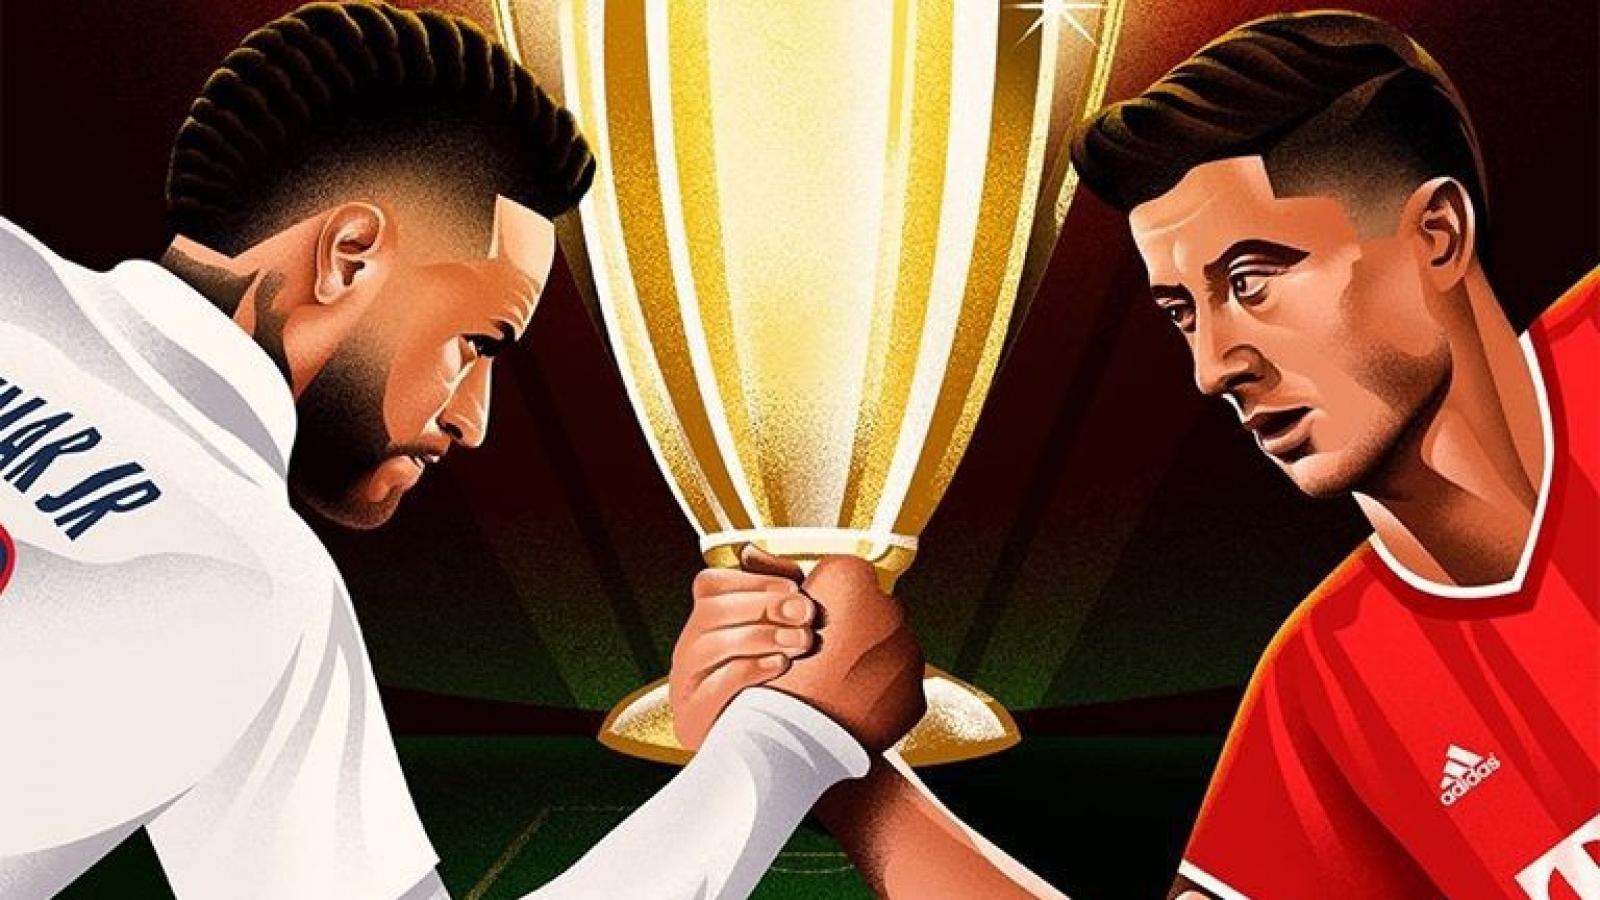 Lịch thi đấu bóng đá hôm nay 23/8: Rực lửa chung kết Champions League 19/20